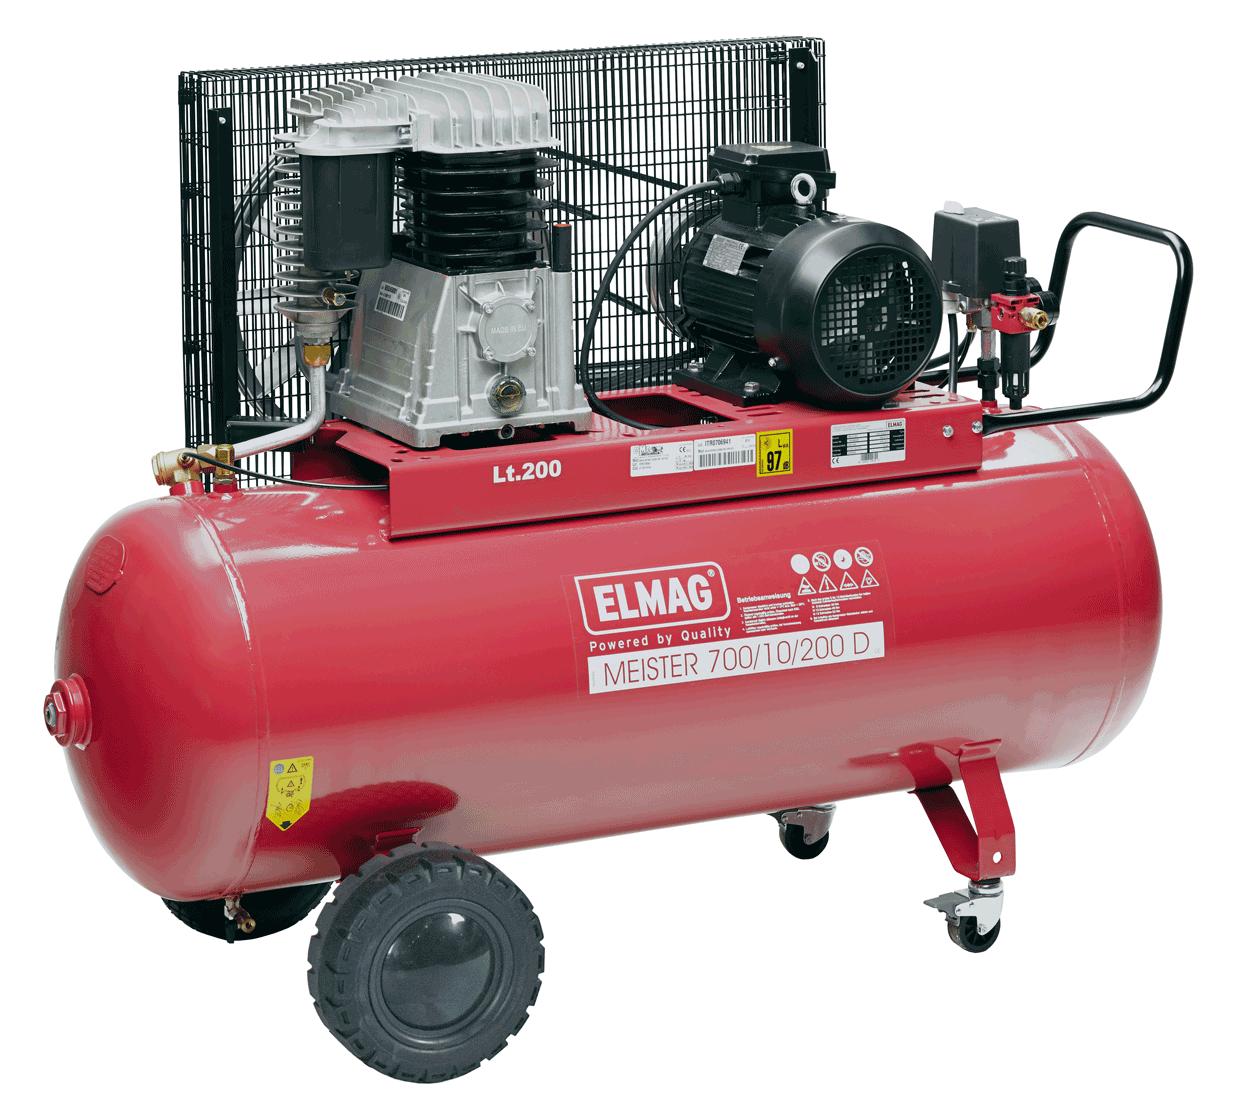 Elmag Kompressor MEISTER 700/10/200 D